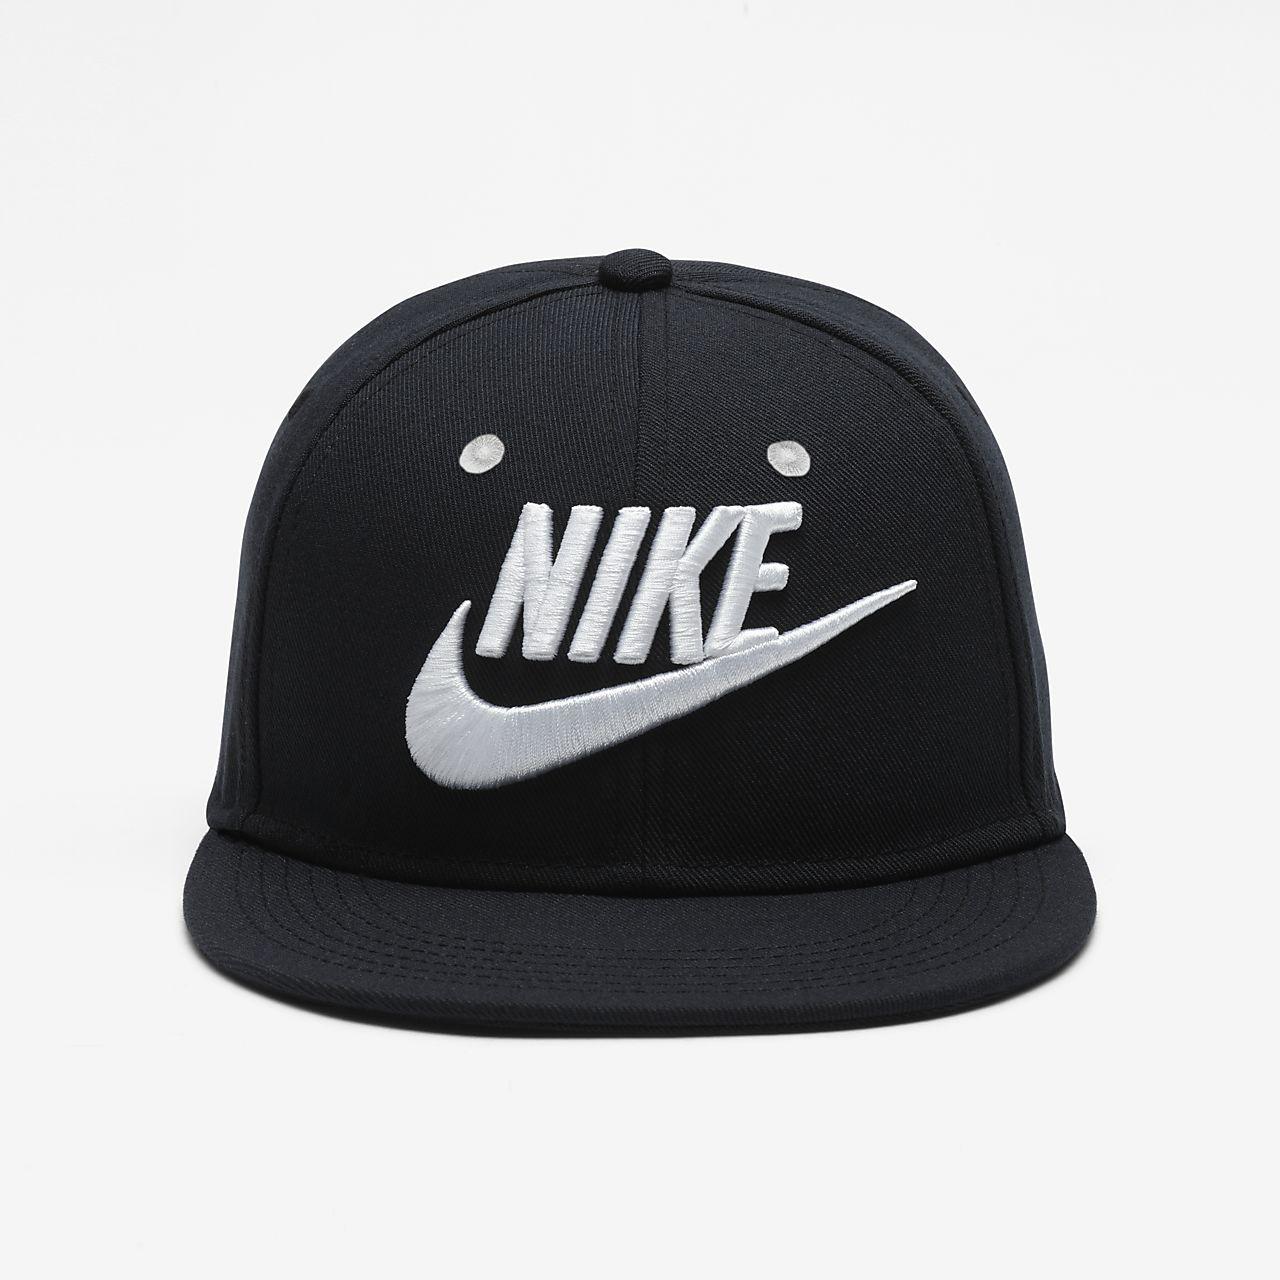 หมวกเด็กโตปรับได้ Nike Futura True